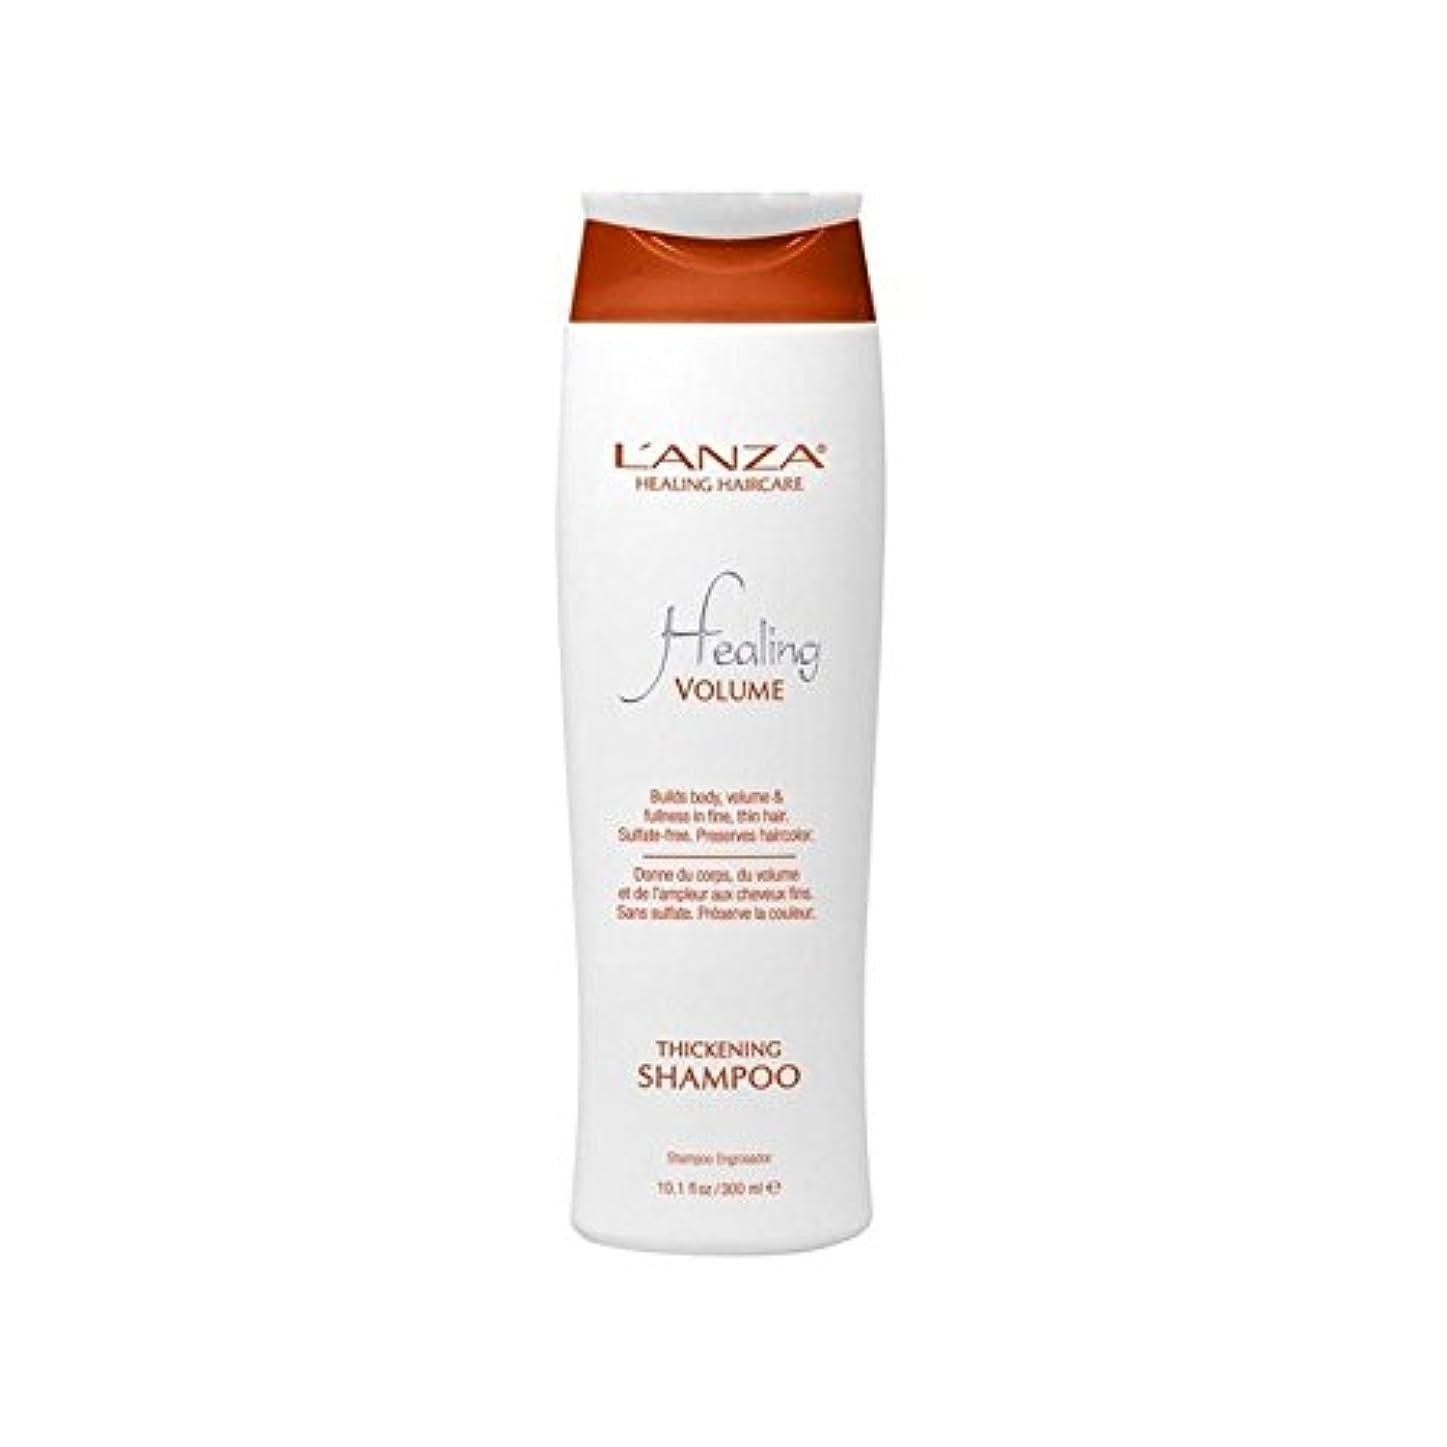 ささいな暴力的なご覧くださいアンザ癒しのボリューム肥厚シャンプー(300ミリリットル) x2 - L'Anza Healing Volume Thickening Shampoo (300ml) (Pack of 2) [並行輸入品]